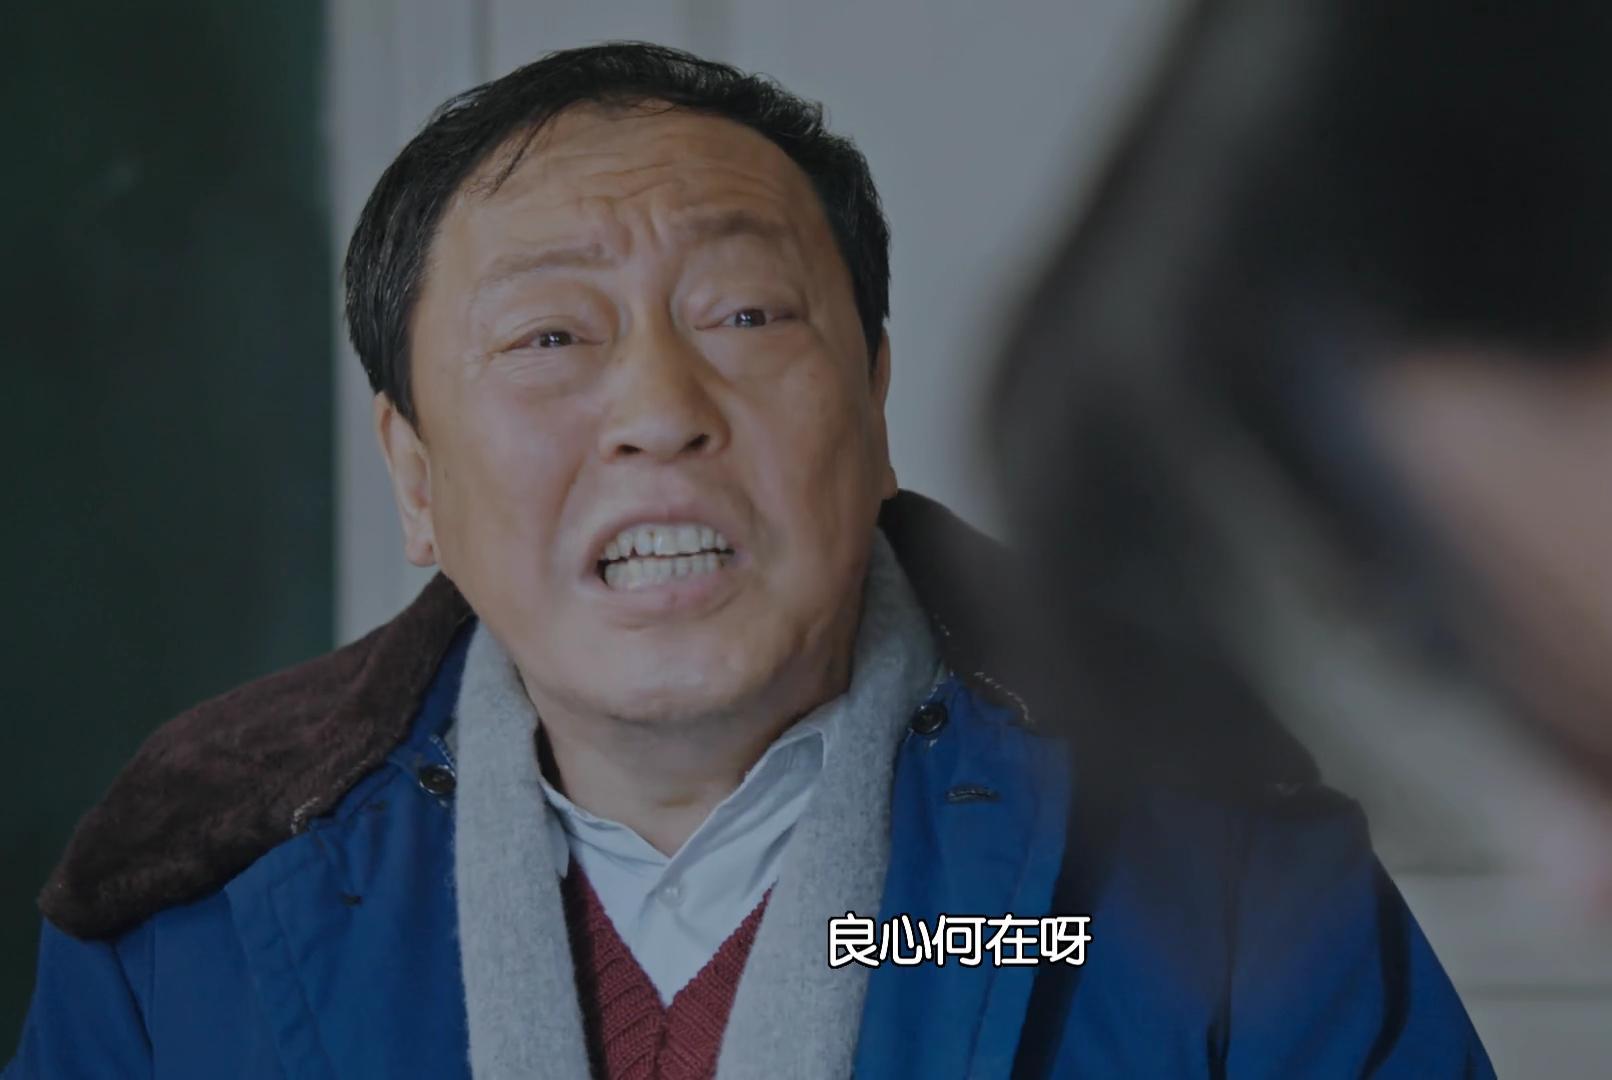 从蔡全无到苏大强,倪大红用精湛的演技,把两个角色演到了极致!